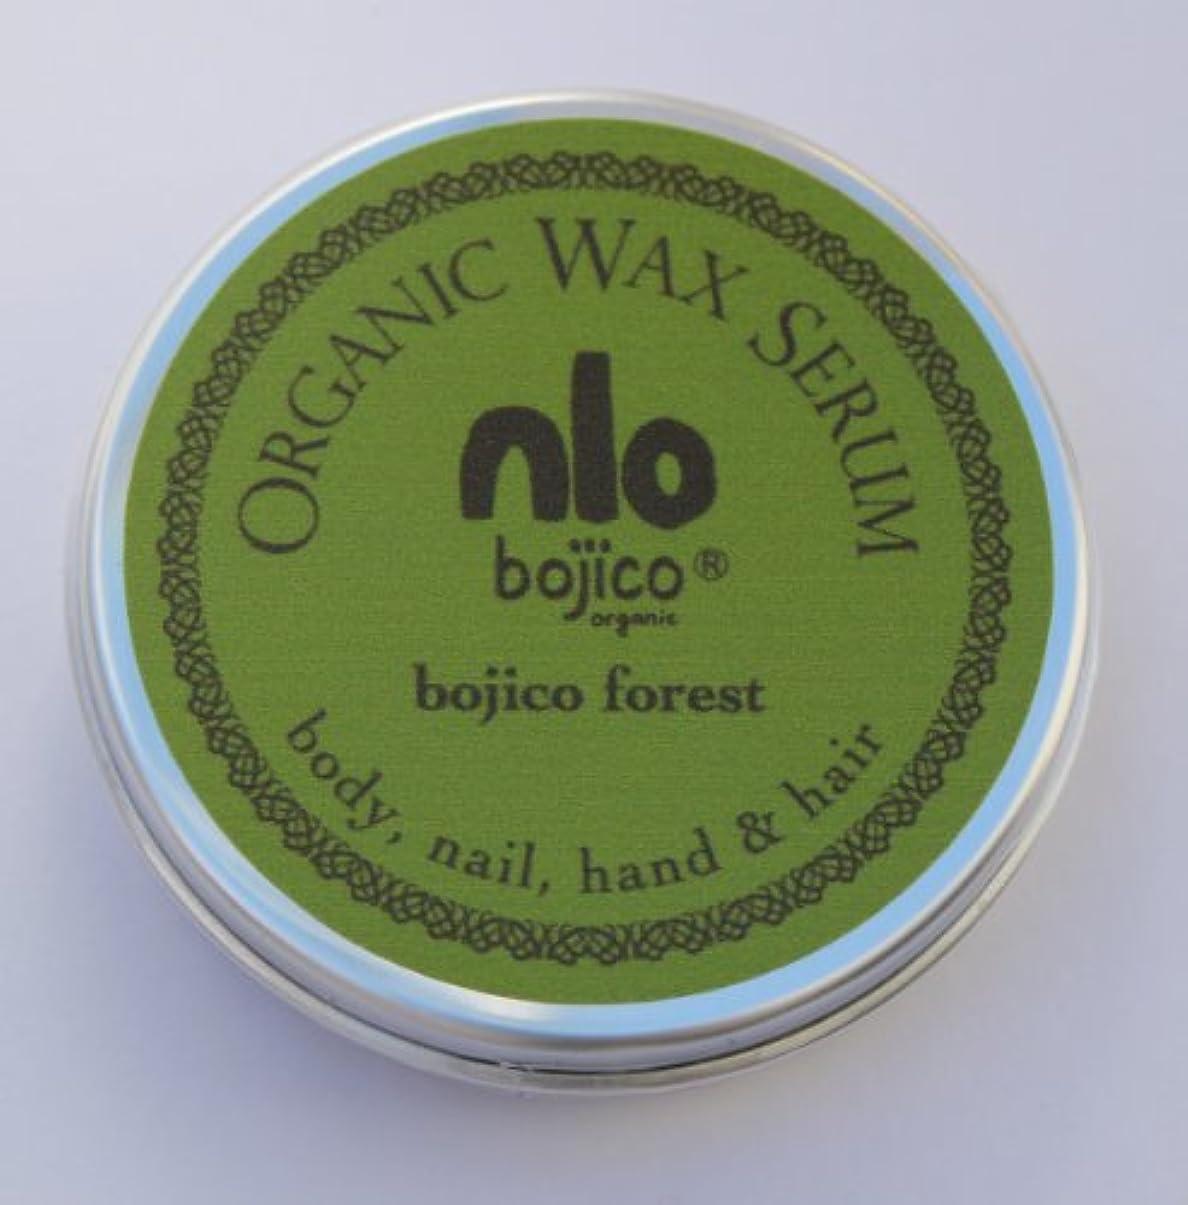 アジャパトロン圧縮bojico オーガニック ワックス セラム<フォレスト> Organic Wax Serum 18g